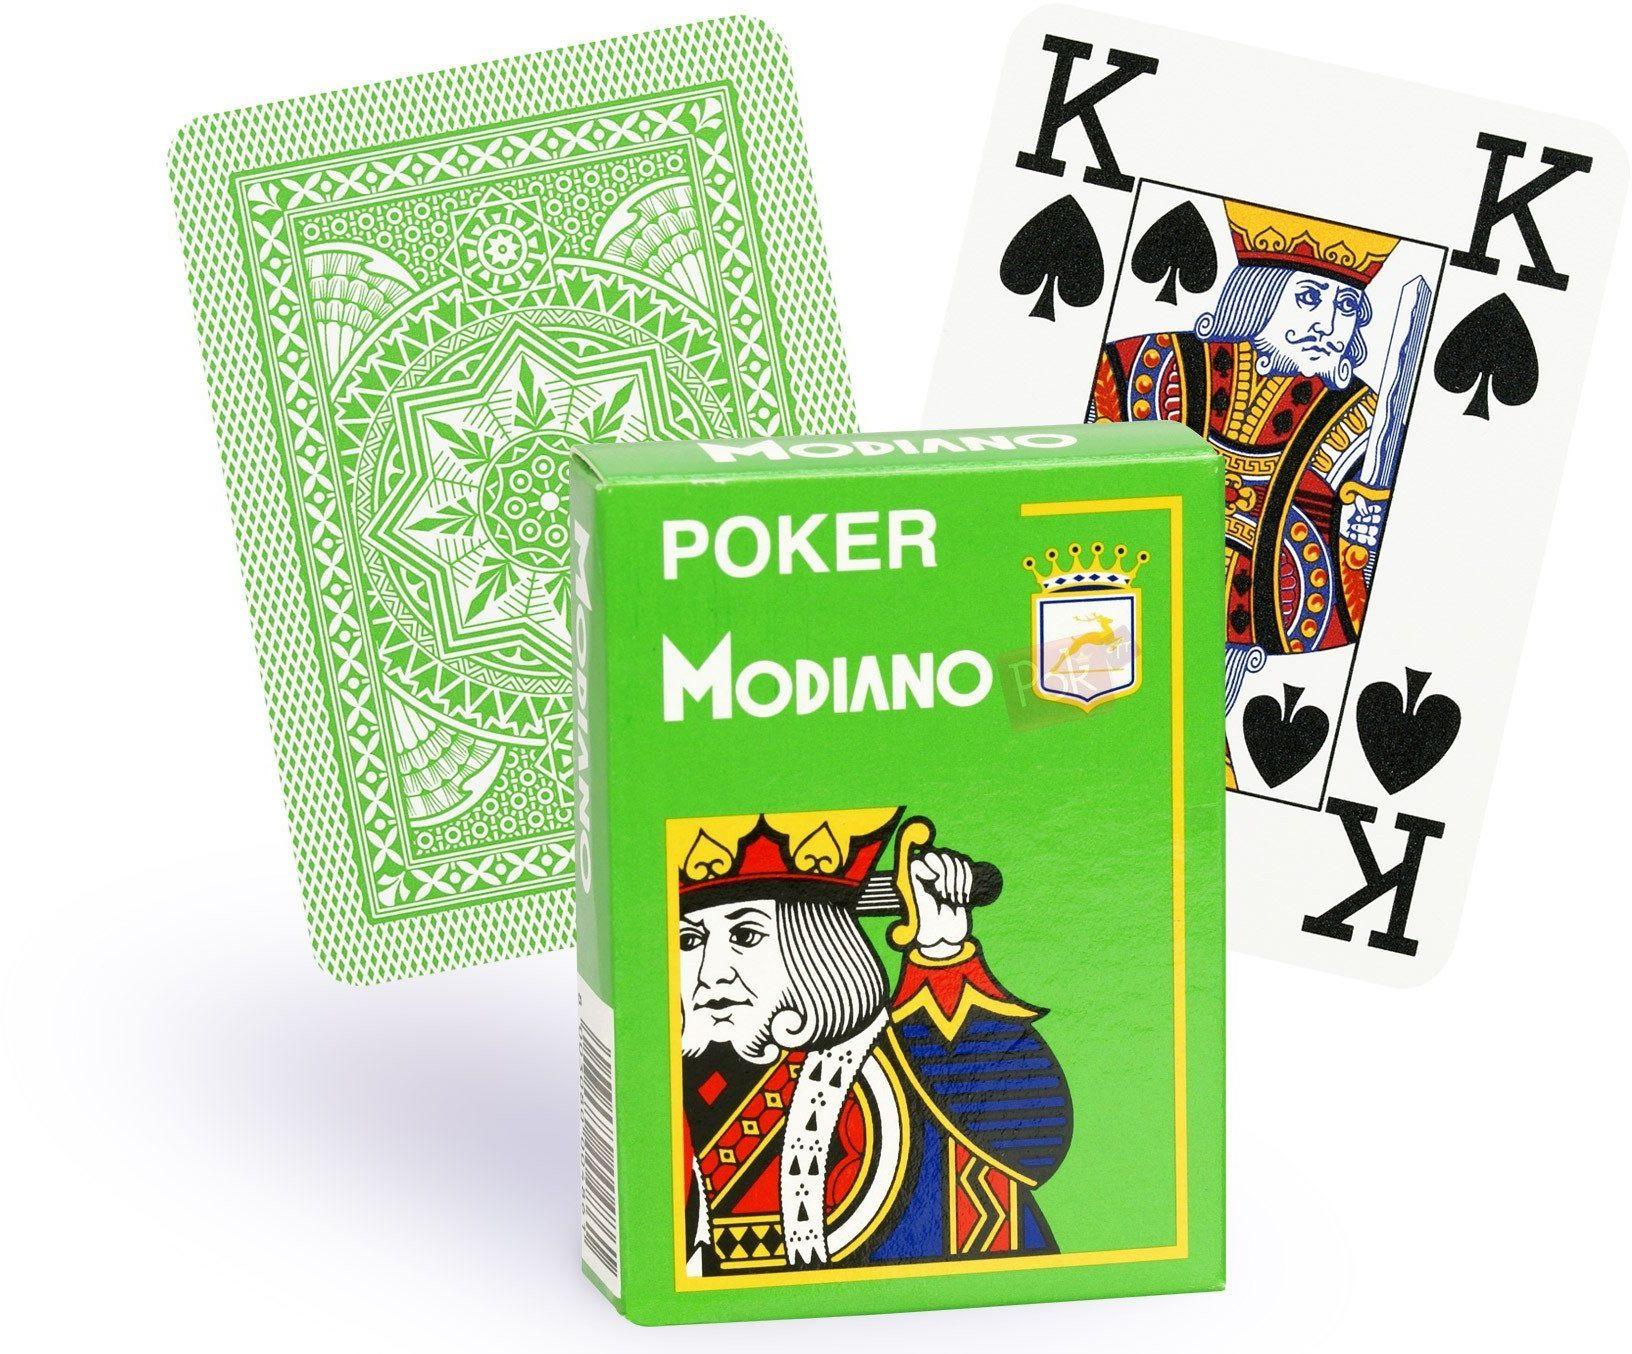 Modiano Cristallo 486, karty do gry w pokera, 4 indeksy, jasnozielony.